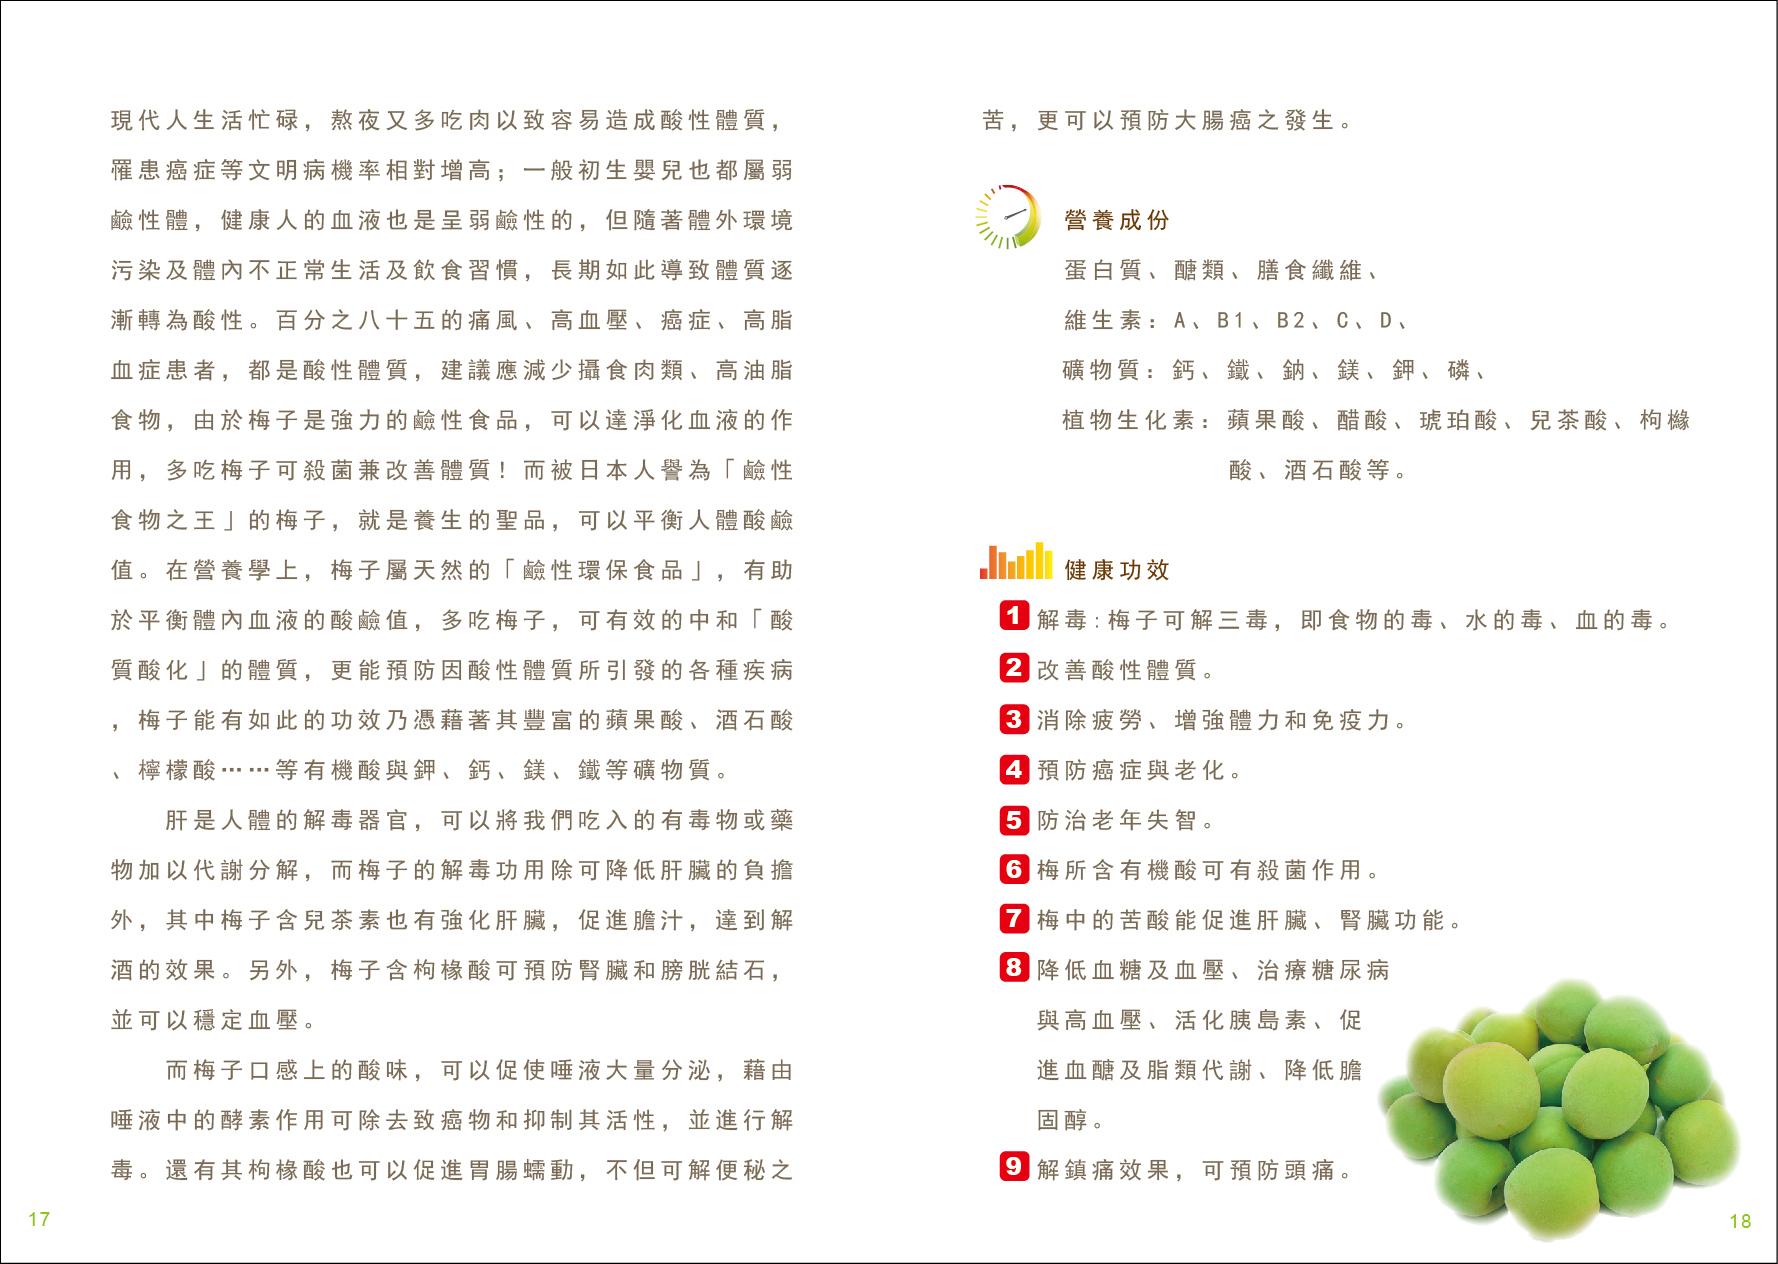 素人清歡_招商手冊_1314檸檬A_v160223a